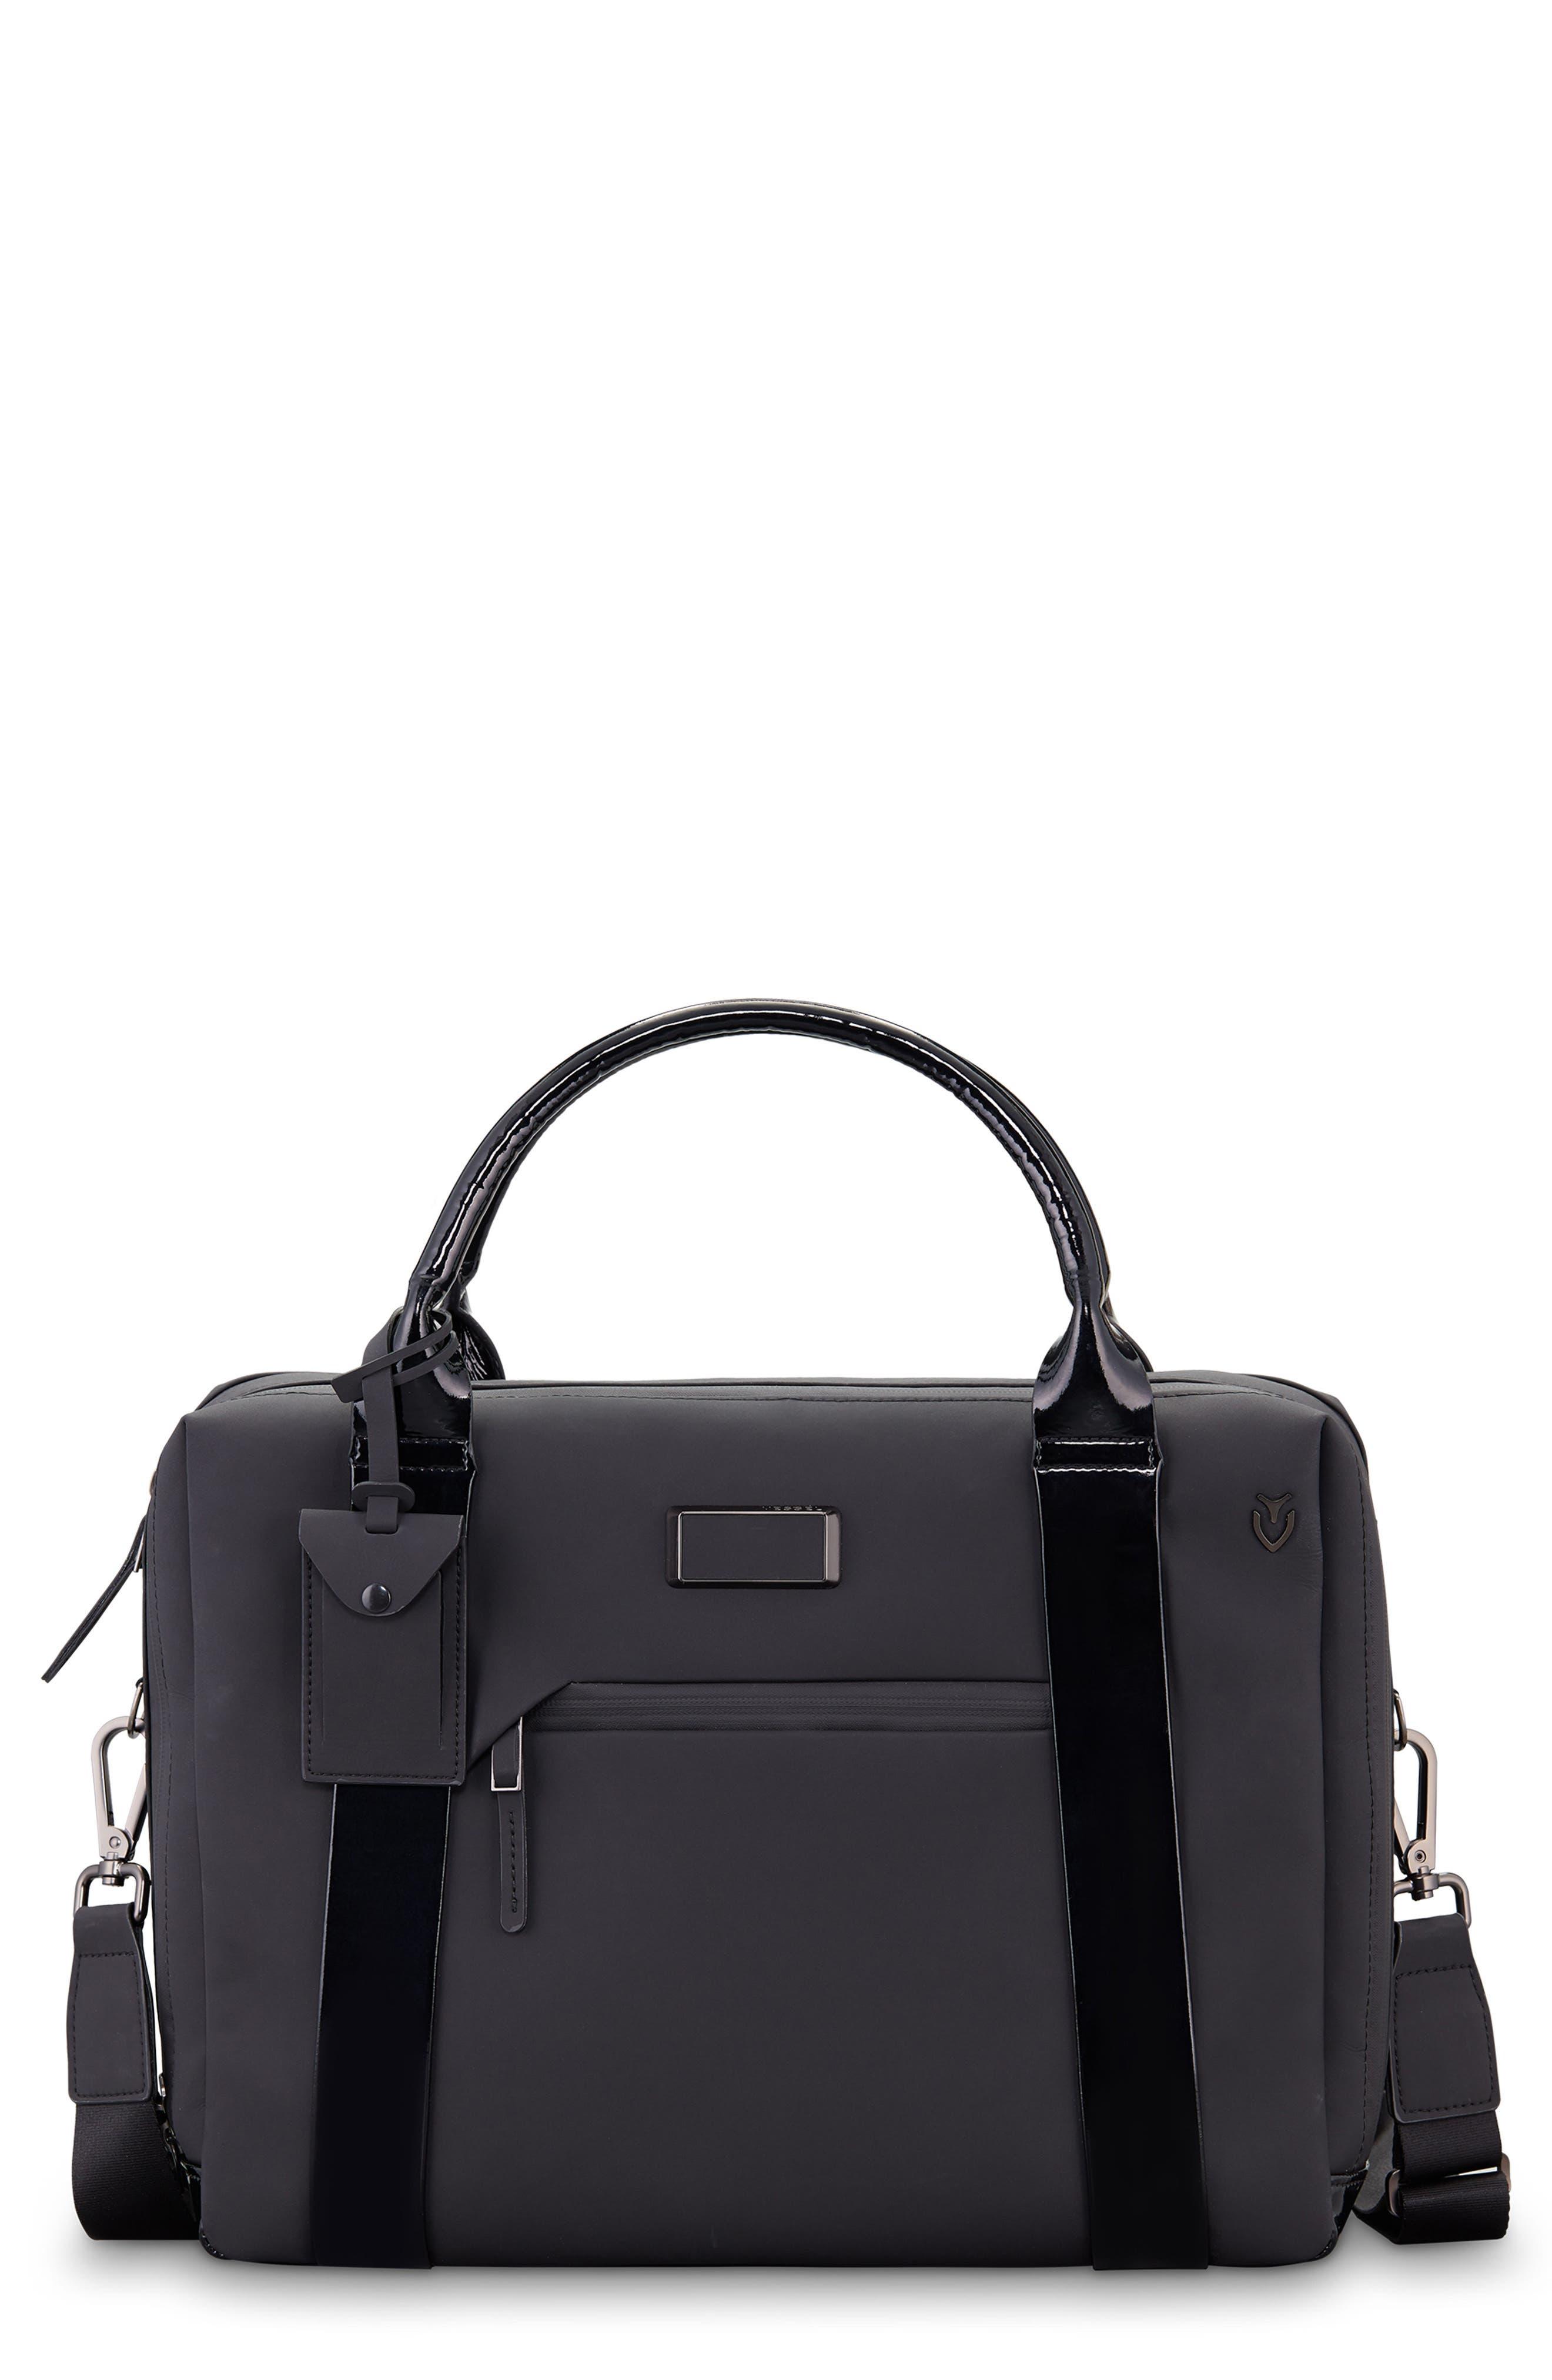 VESSEL, Signature 2.0 Faux Leather Briefcase, Main thumbnail 1, color, MATTE/ PATENT BLACK